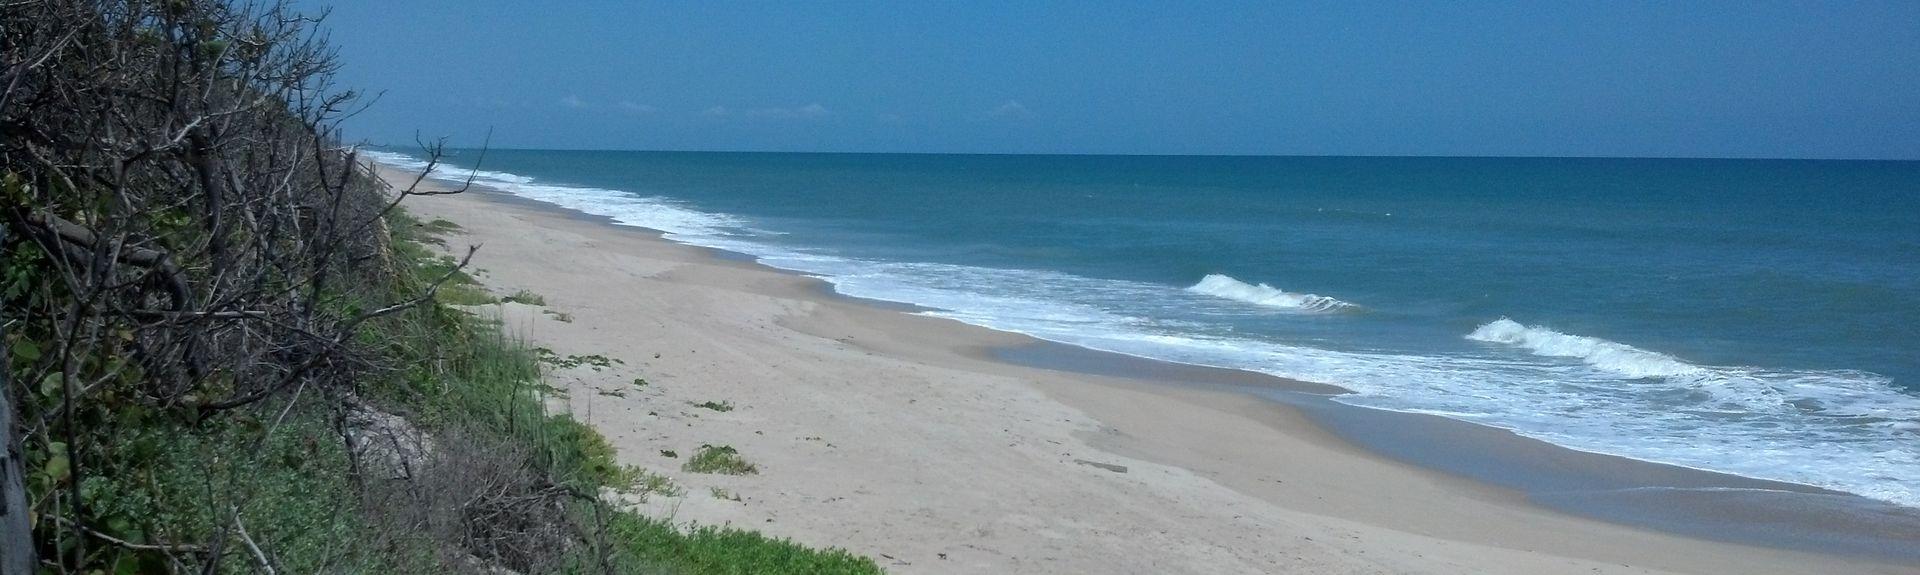 Vero Beach, FL, USA